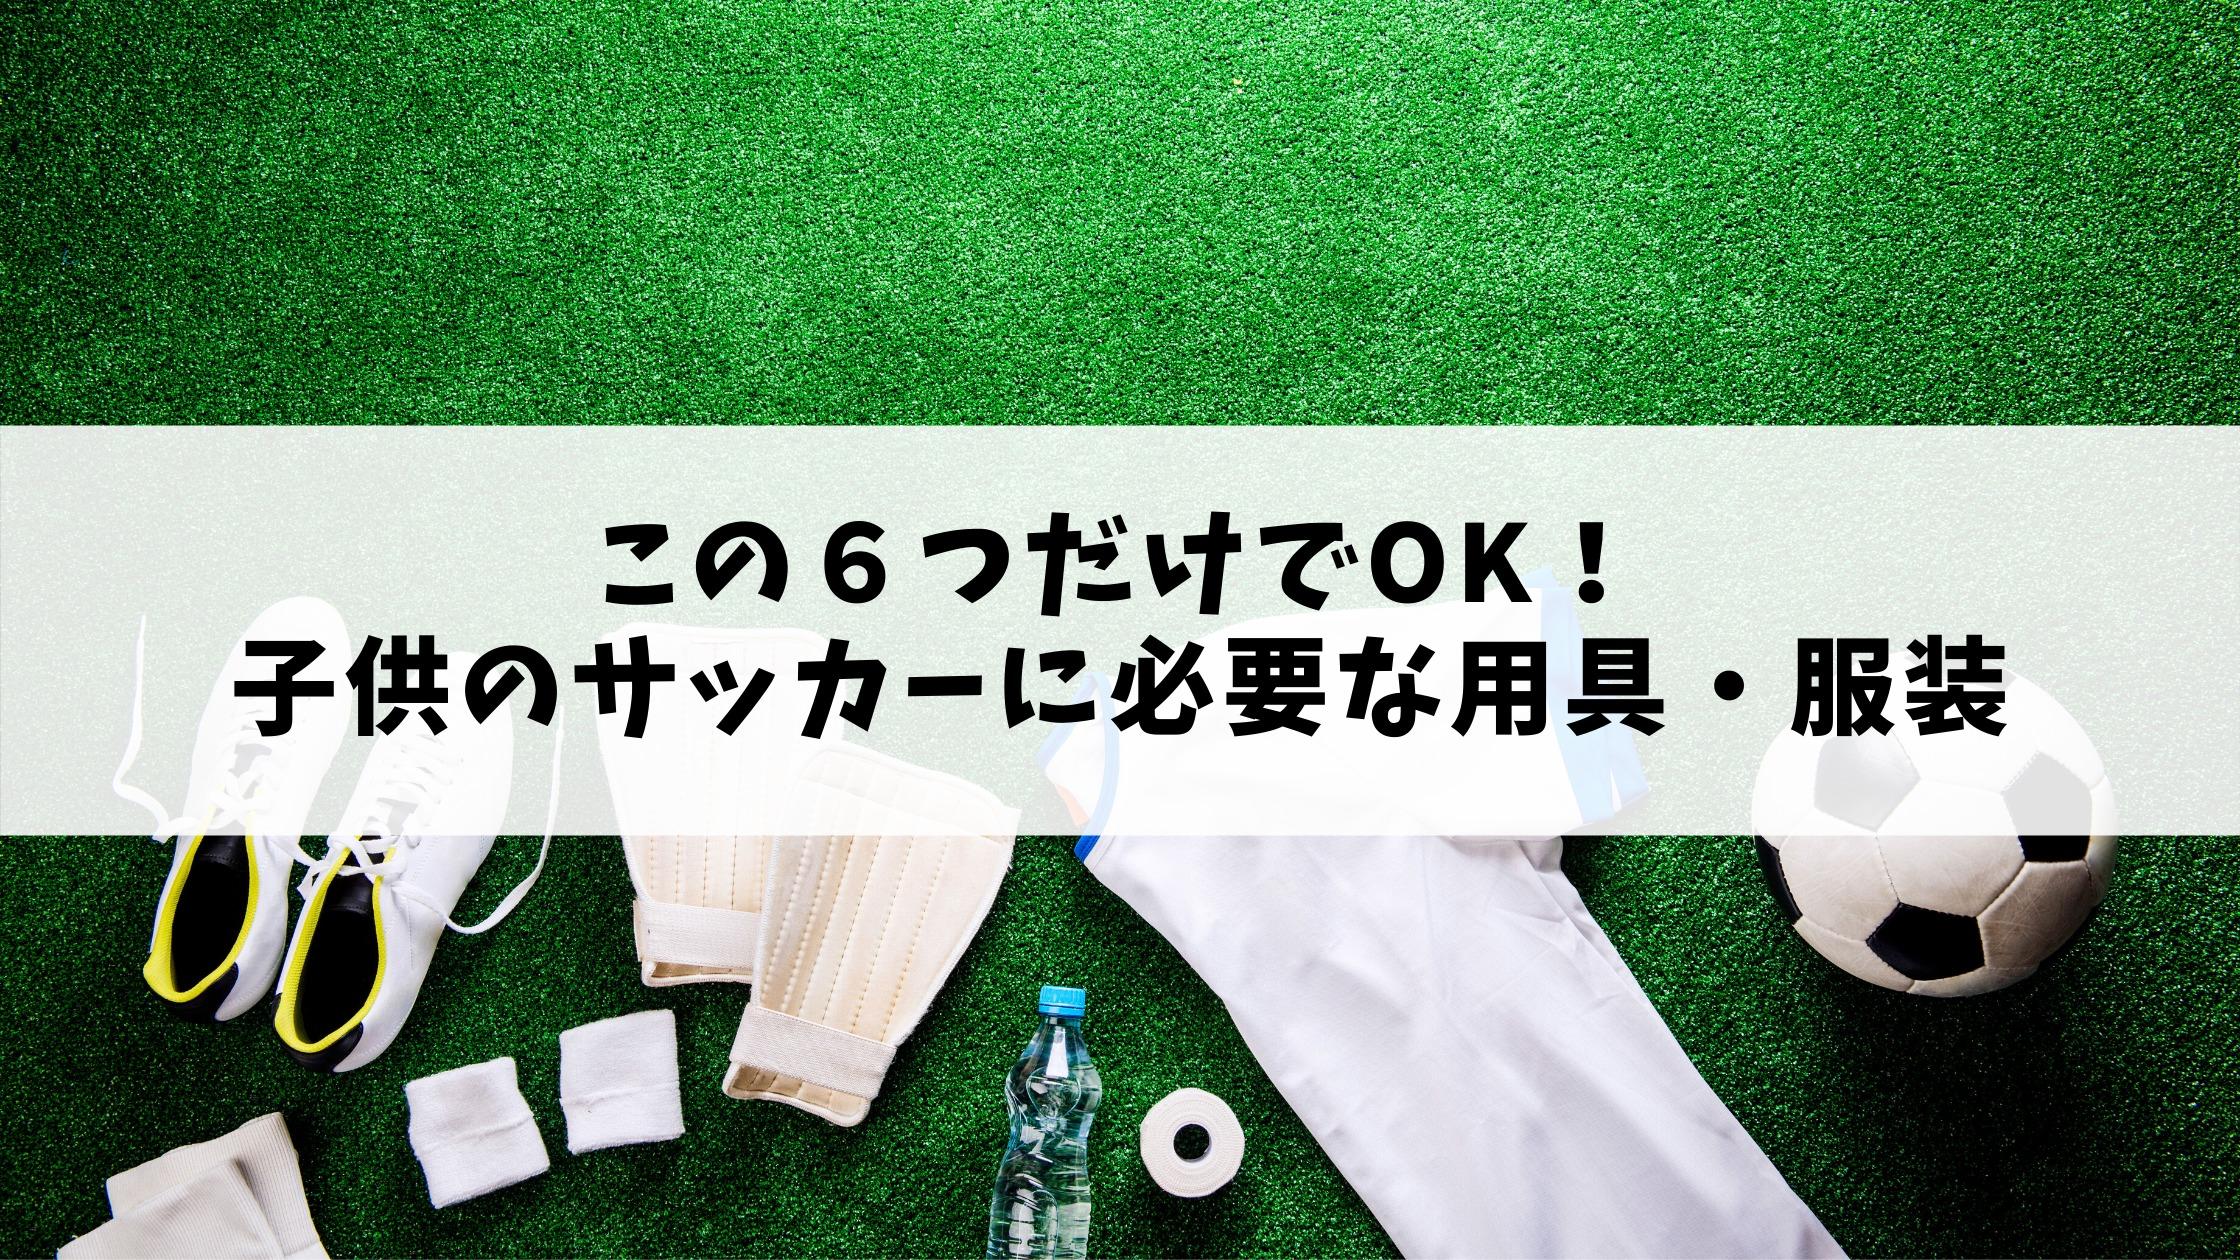 この6つだけでOK!子供のサッカーに必要な用具・服装